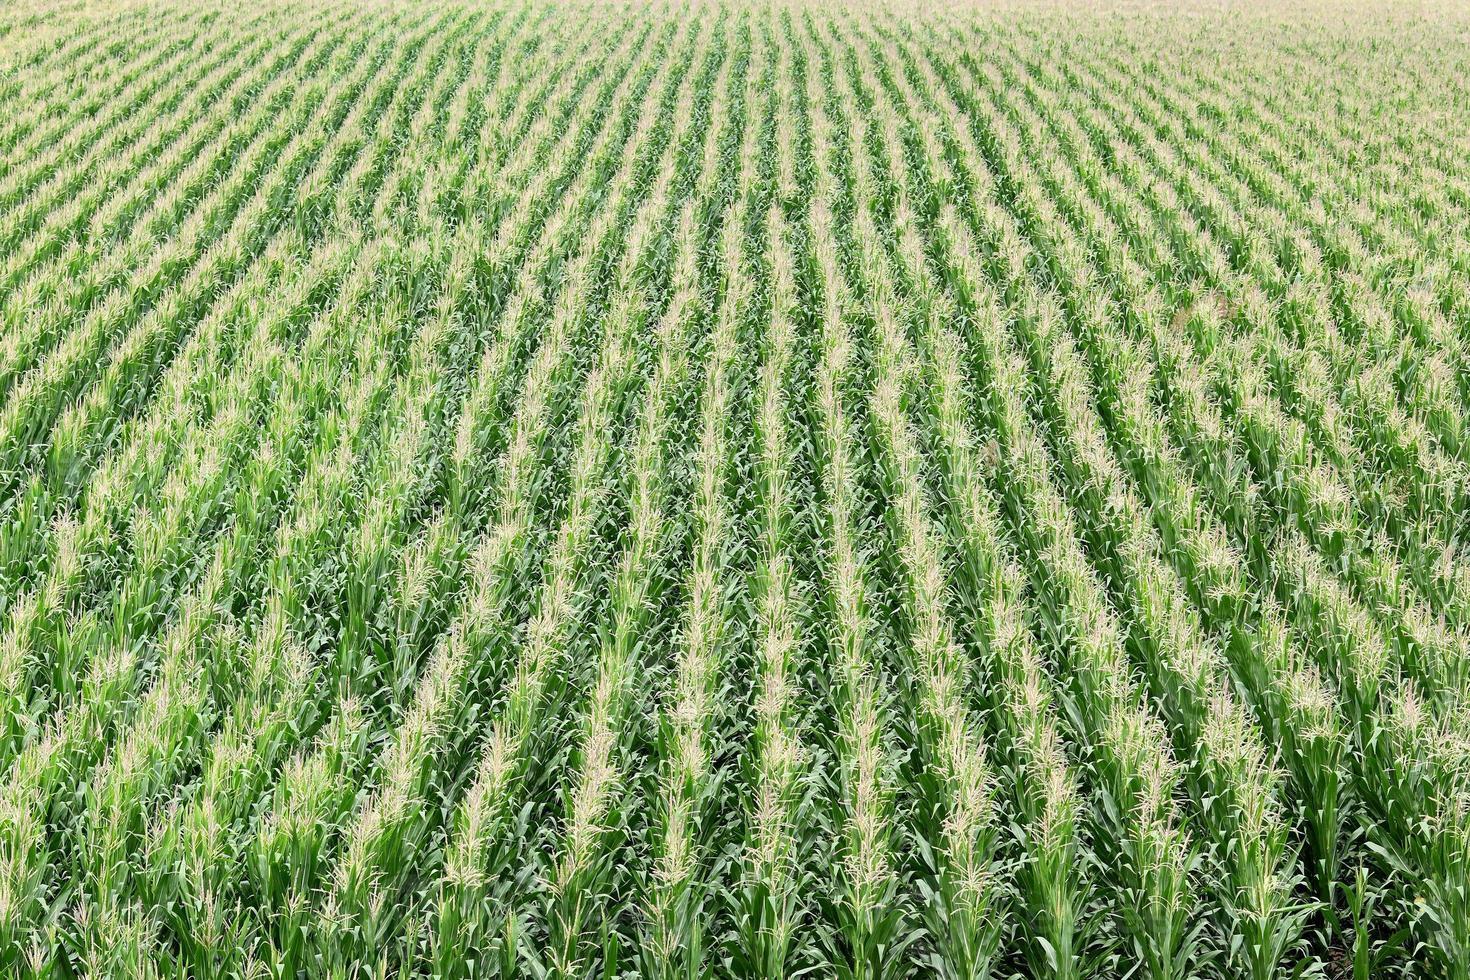 agricoltura, campo di grano foto